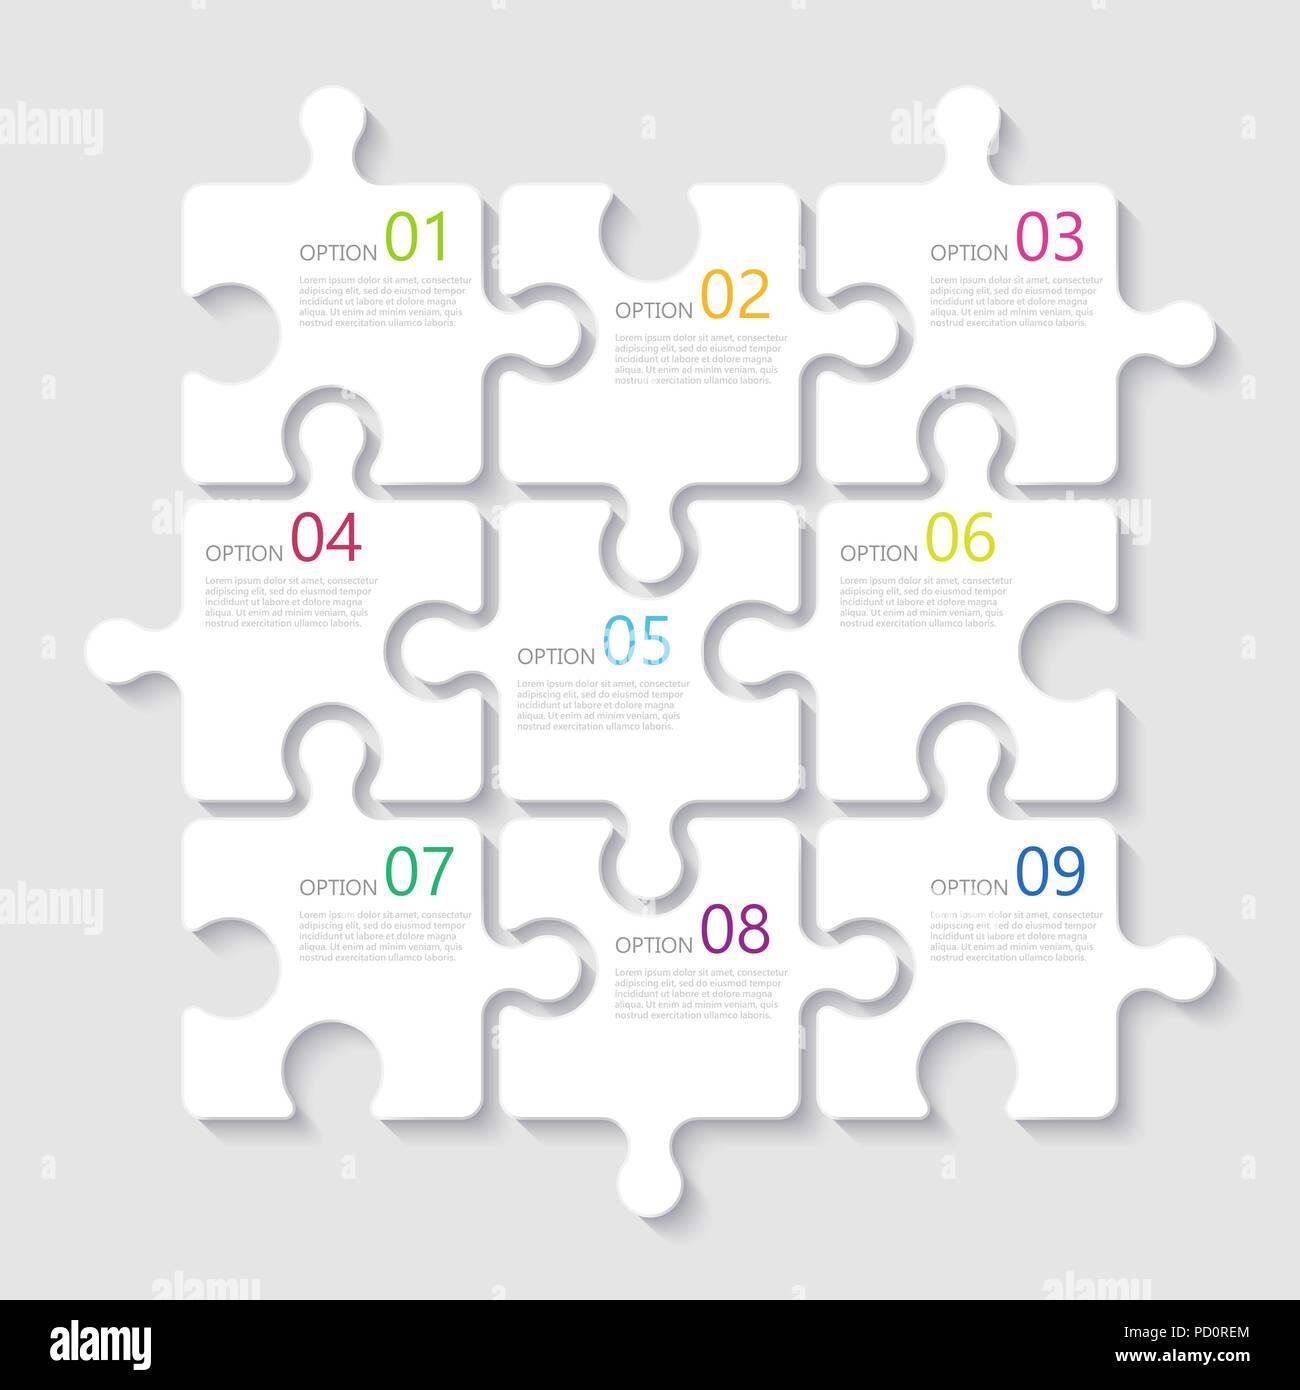 Puzzle Vector Vectors Imágenes De Stock & Puzzle Vector Vectors ...